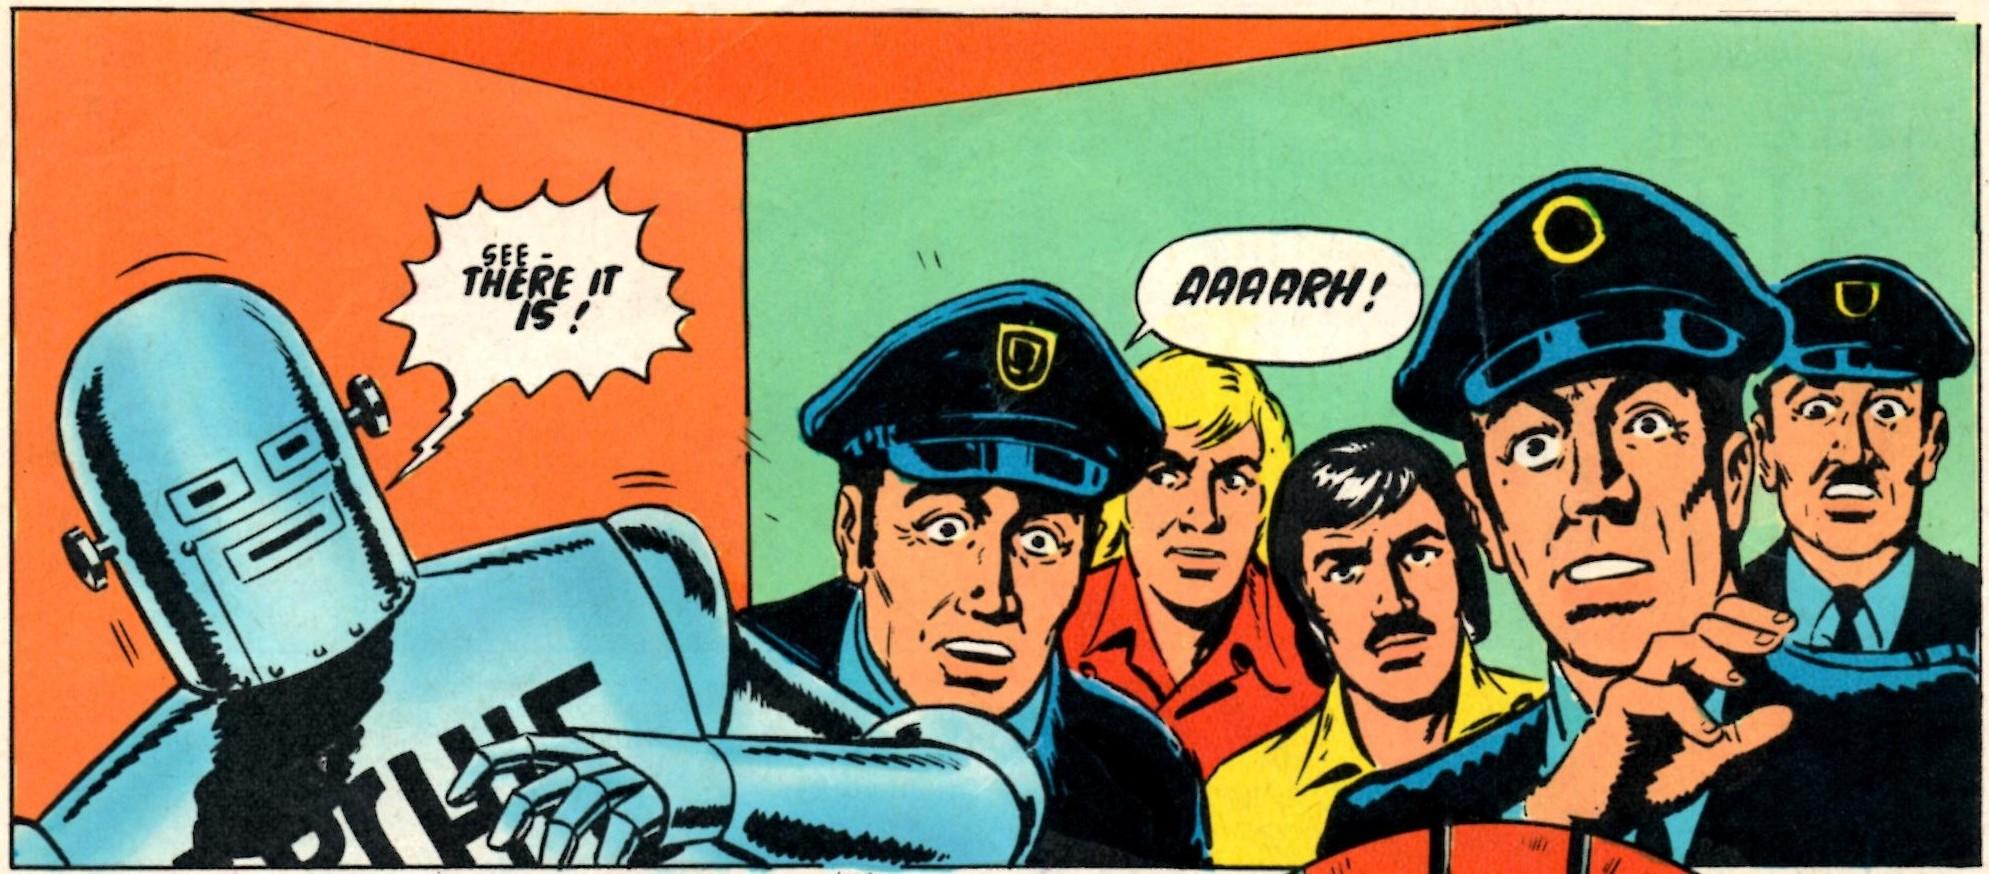 Robot Archie: E George Cowan (writer), Bert Bus (artist); reprinted from Lion